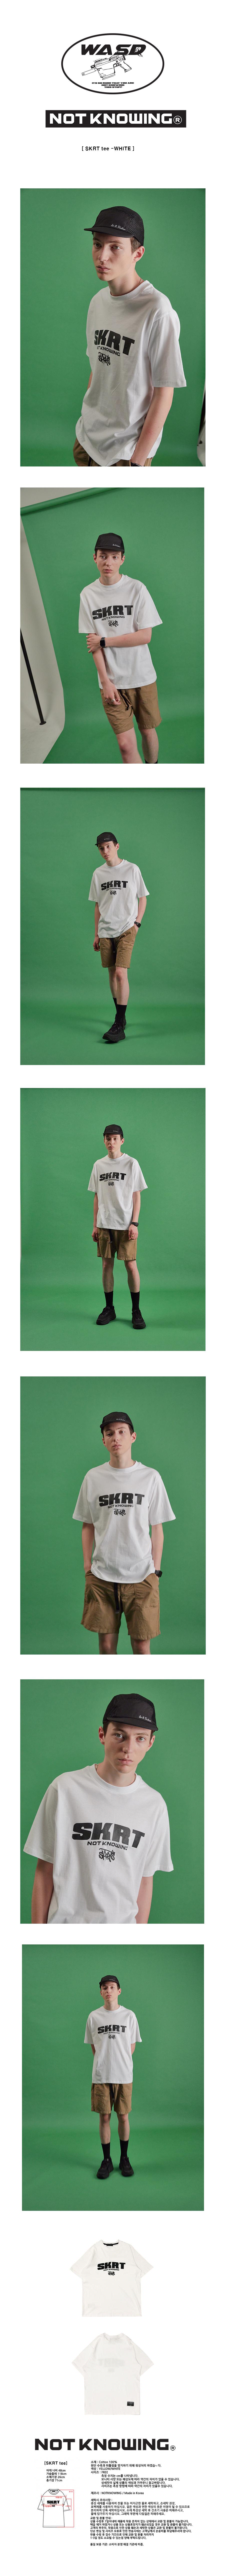 낫노잉(NOTKNOWING) SKRT 티셔츠 (화이트)